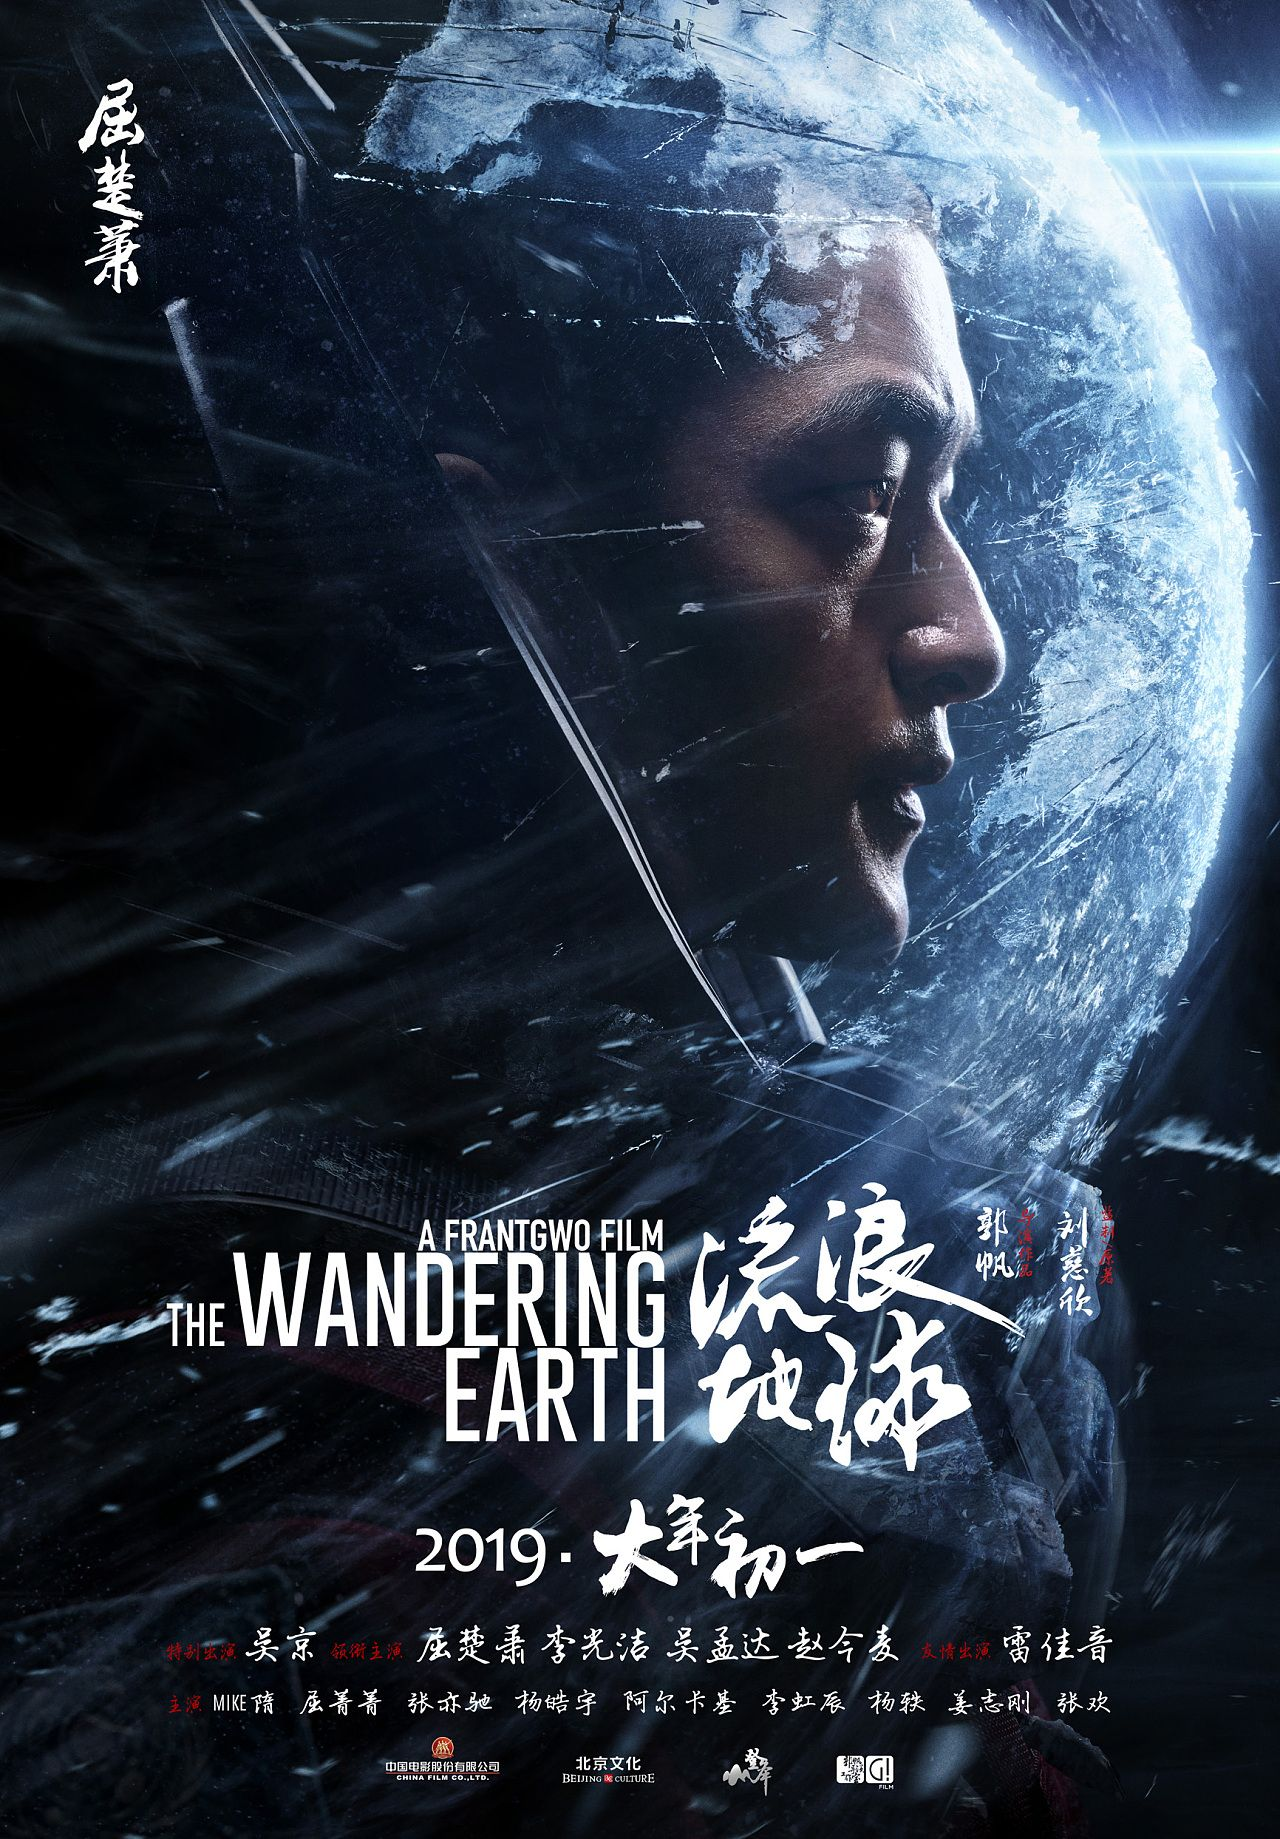 #流浪地球 The Wandering Earth 。 IMAX 3D Films (2019) #劉慈欣(原作者) #郭凡(電影導演) #屈楚簫(中國演員)